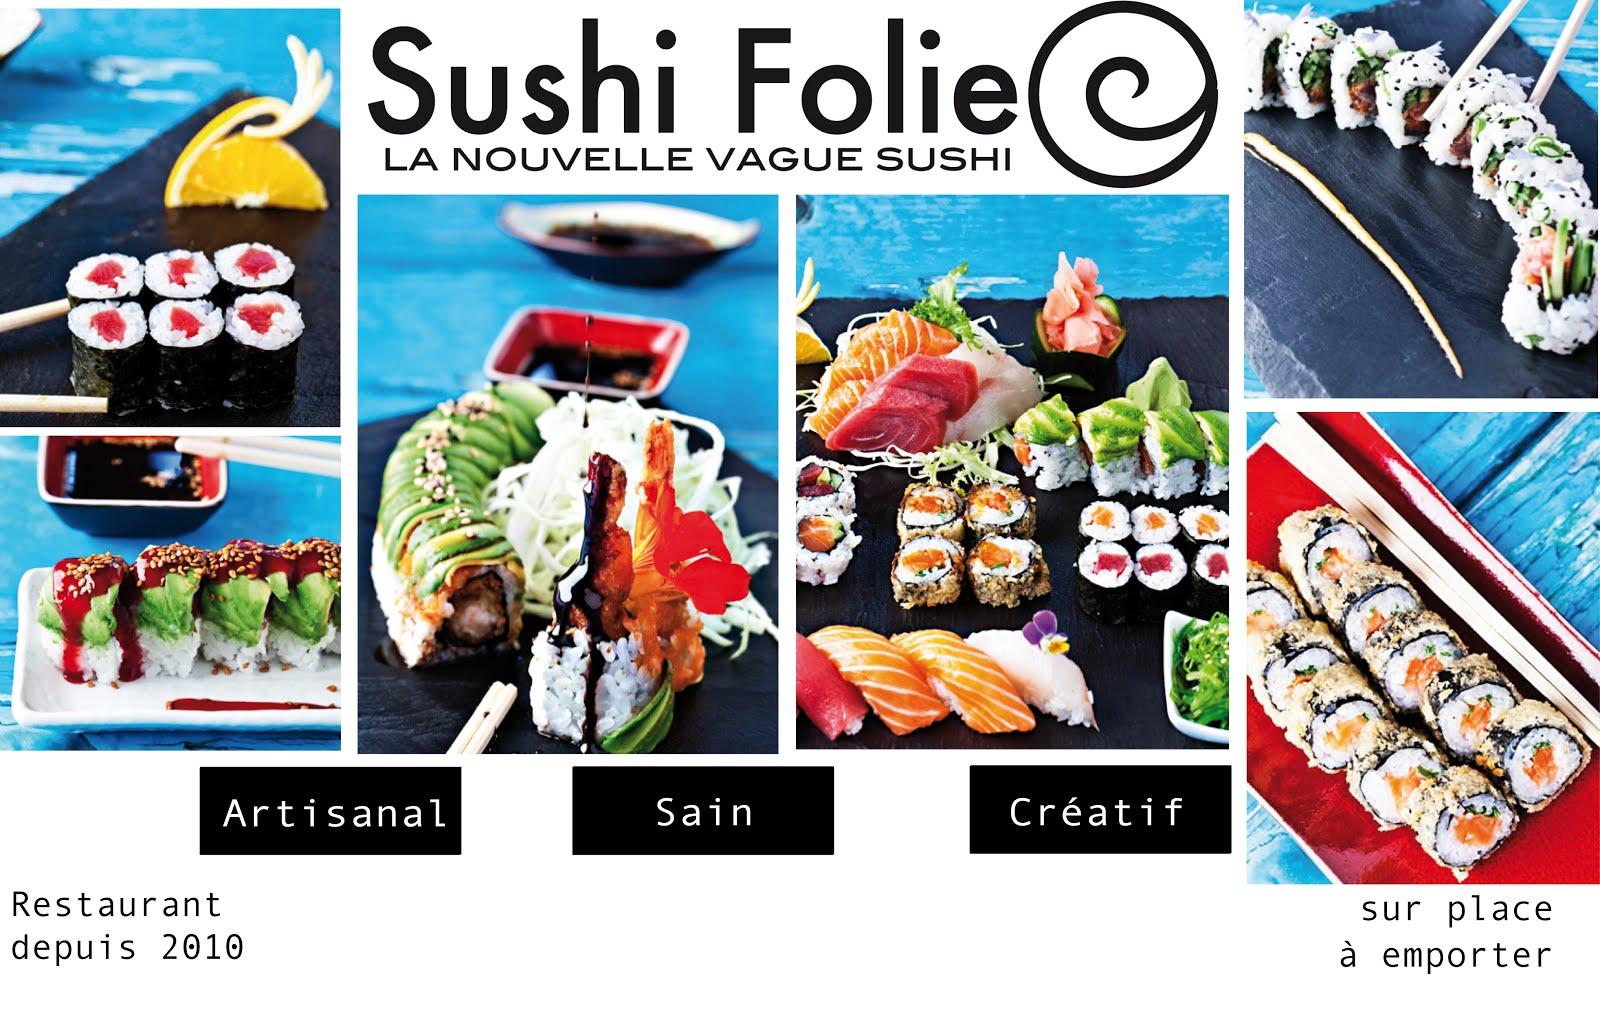 Sushi Folie - Ile de Ré